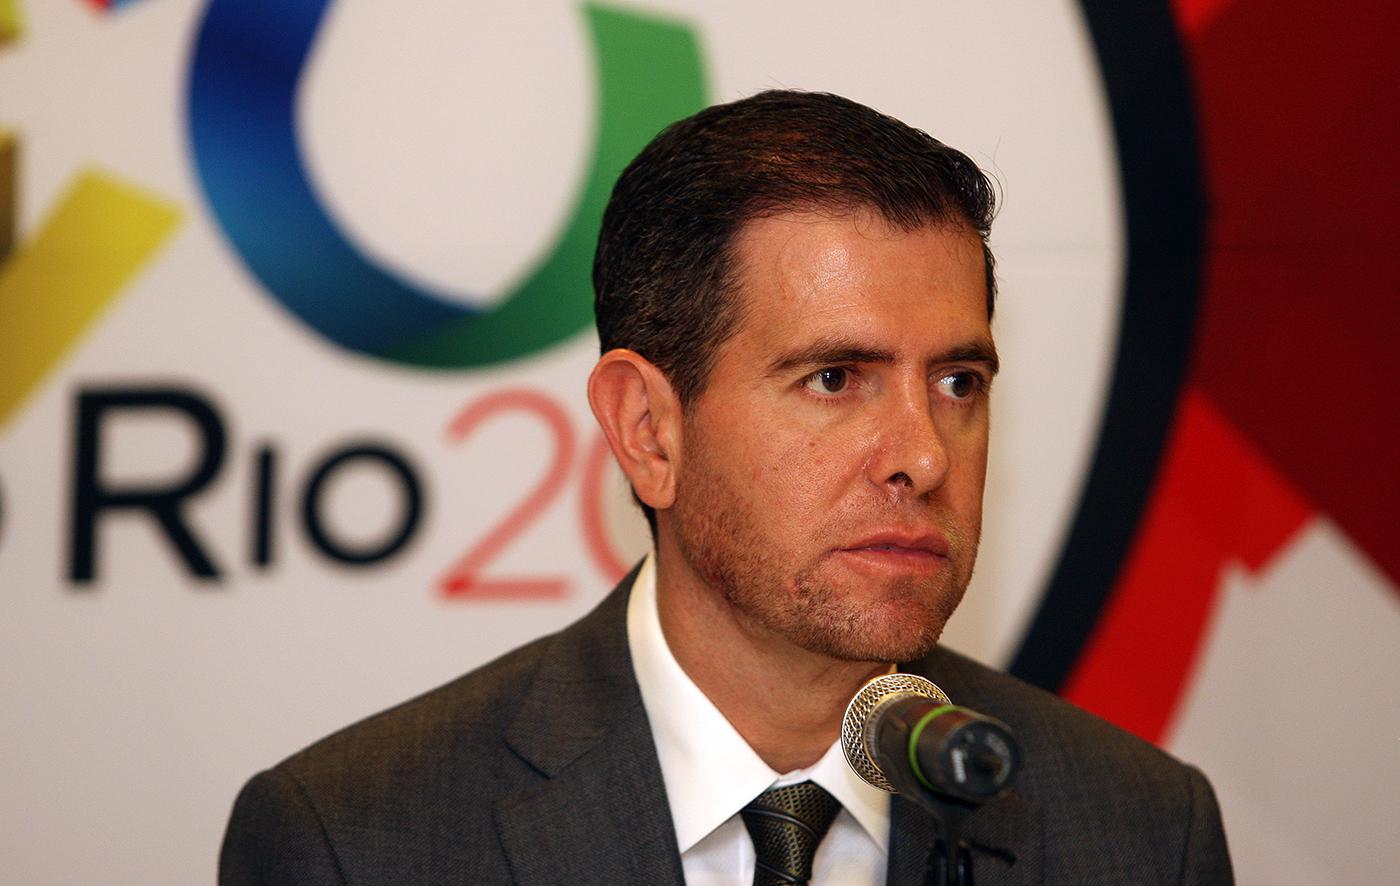 Alfredo Castillo